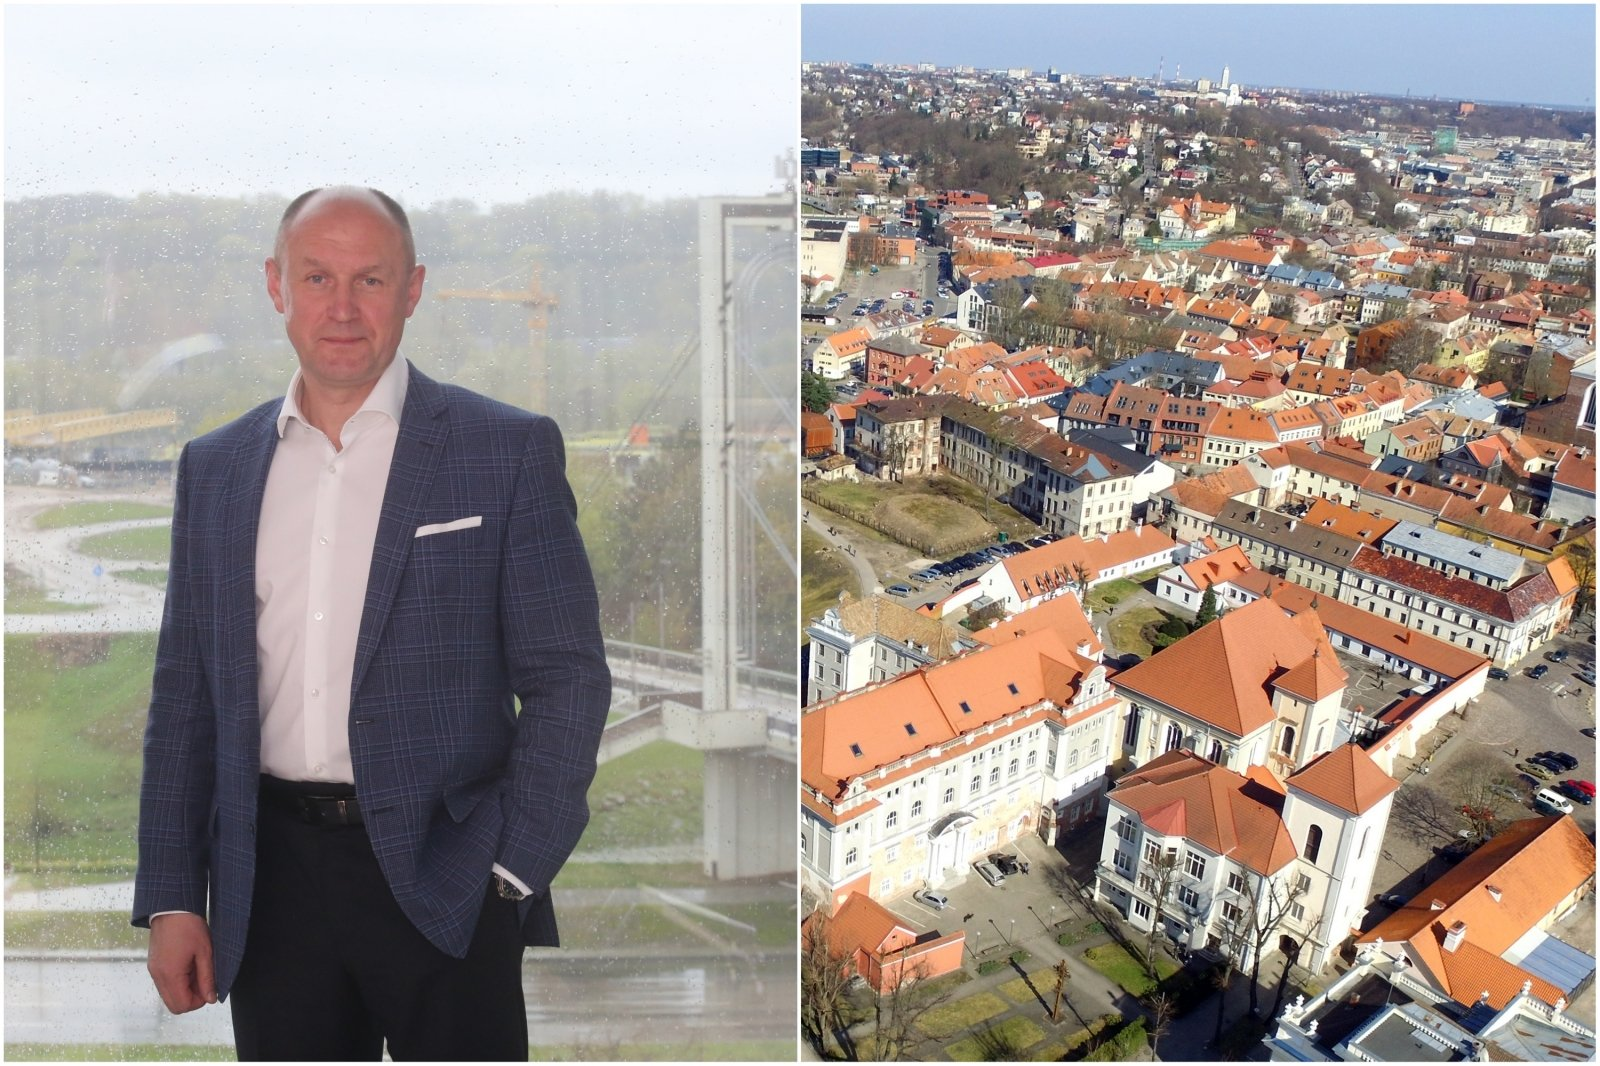 NT verslininkas Kęstutis Vanagas: apie kainų augimą, naujos kartos daugiabučius ir sublizgėjusį miestą, kuriame būstas atsiperka greičiau - DELFI